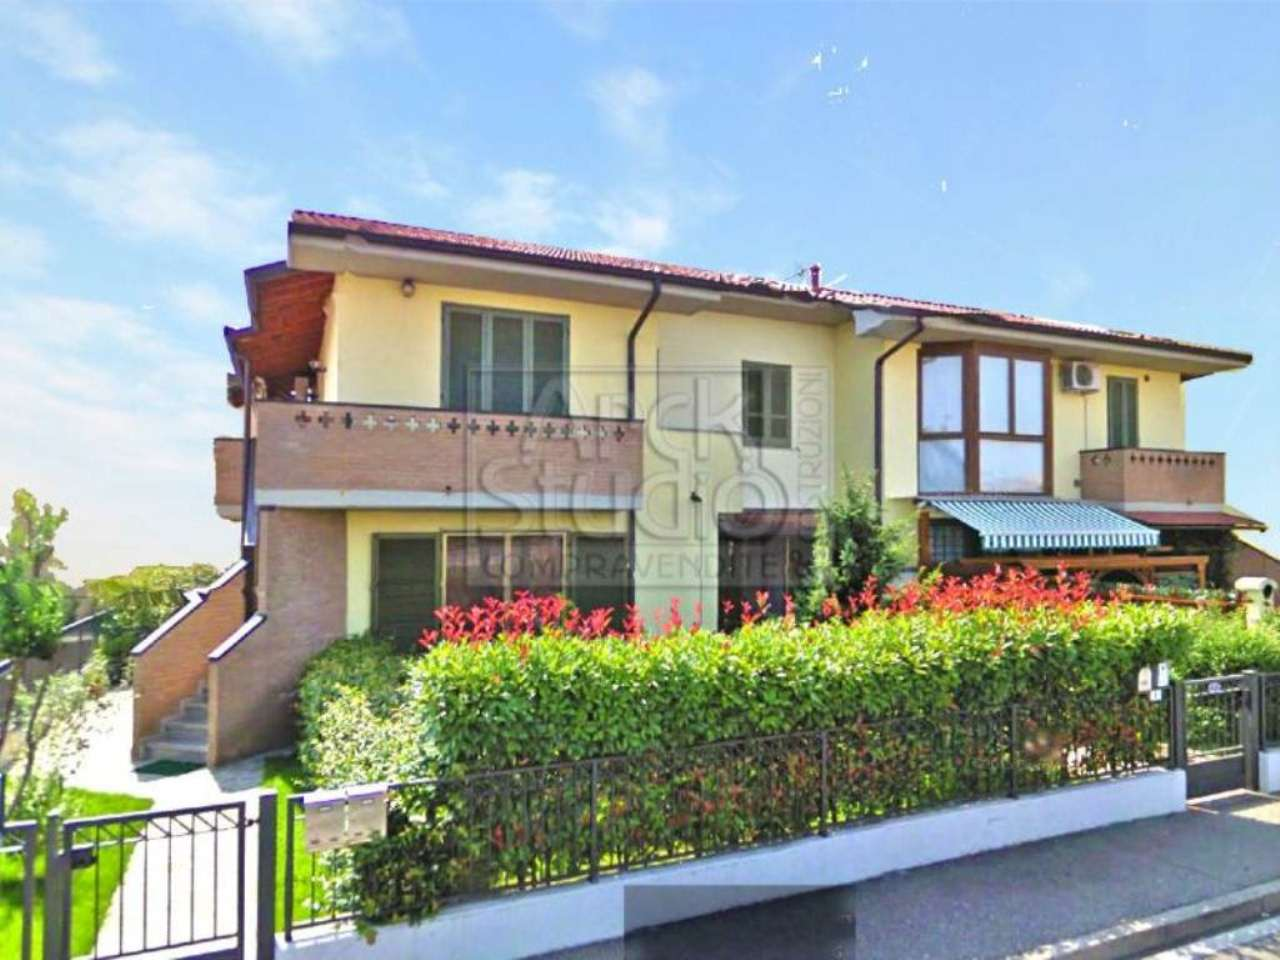 Appartamento in vendita a Casirate d'Adda, 3 locali, prezzo € 155.000 | CambioCasa.it